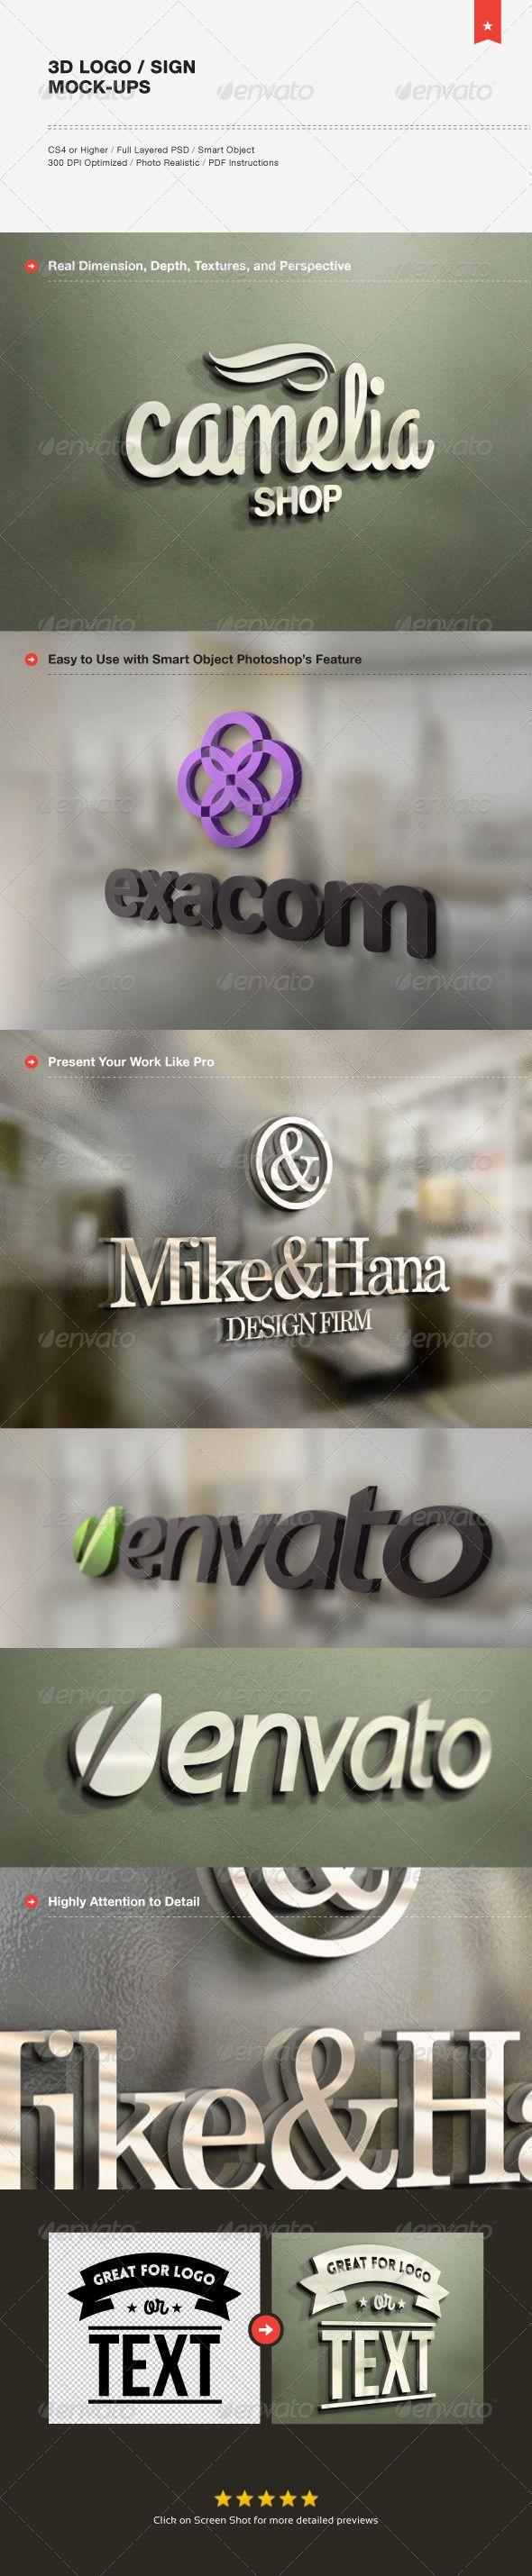 3D Logo / Sign Mock-ups - Product Mock-Ups Graphics